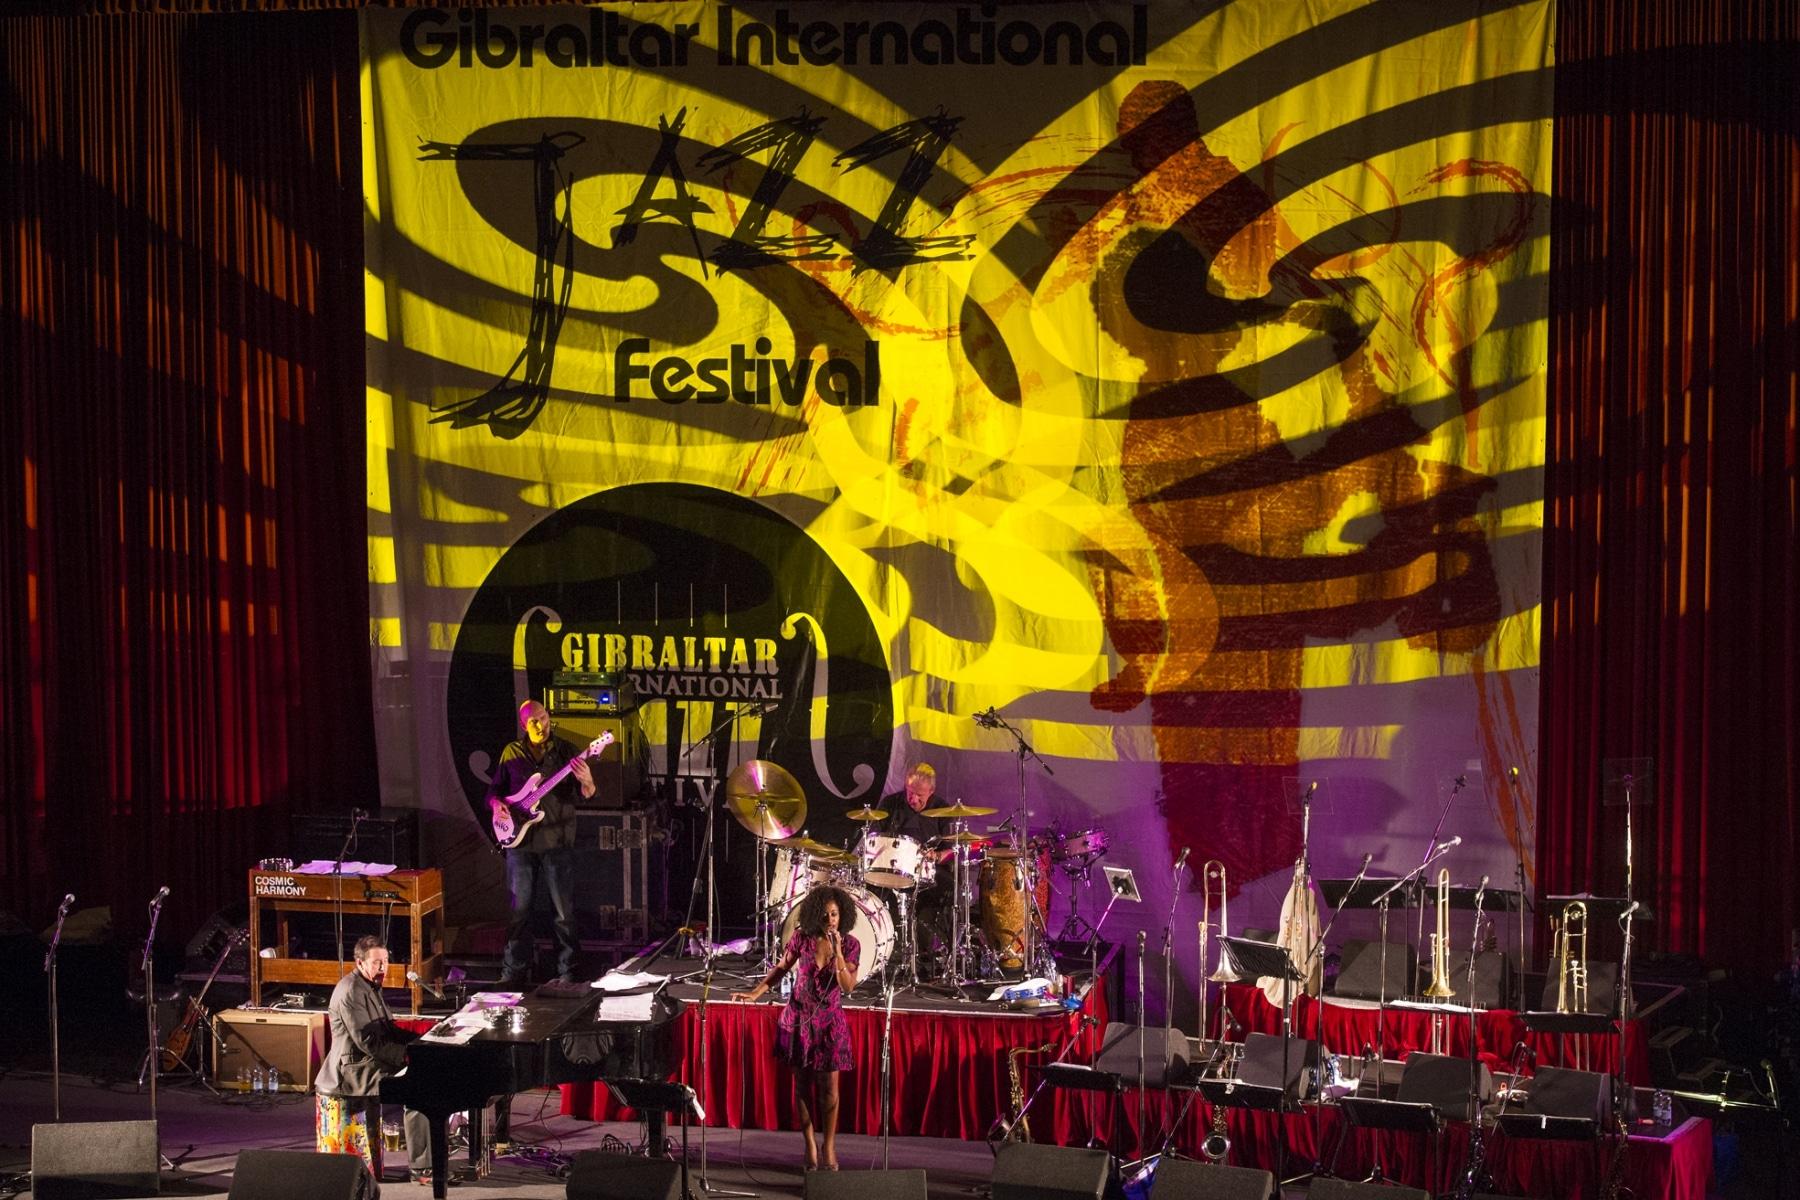 ii-festival-internacional-de-jazz-gibraltar21_10382440774_o